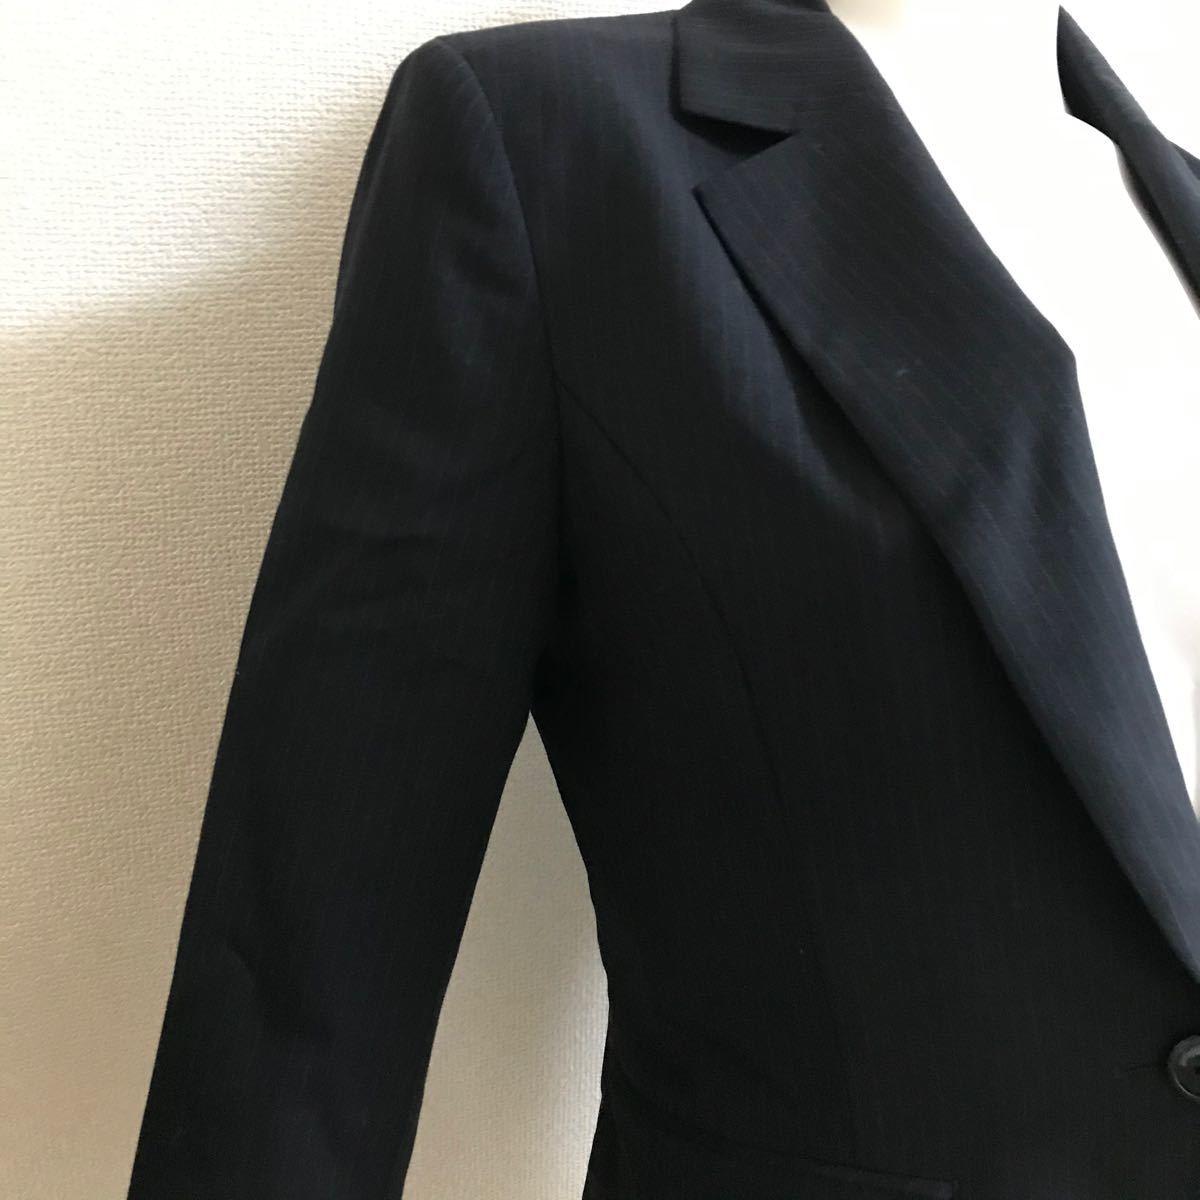 テーラードジャケット ジャケット ネイビー オフィスカジュアル スーツ フォーマル